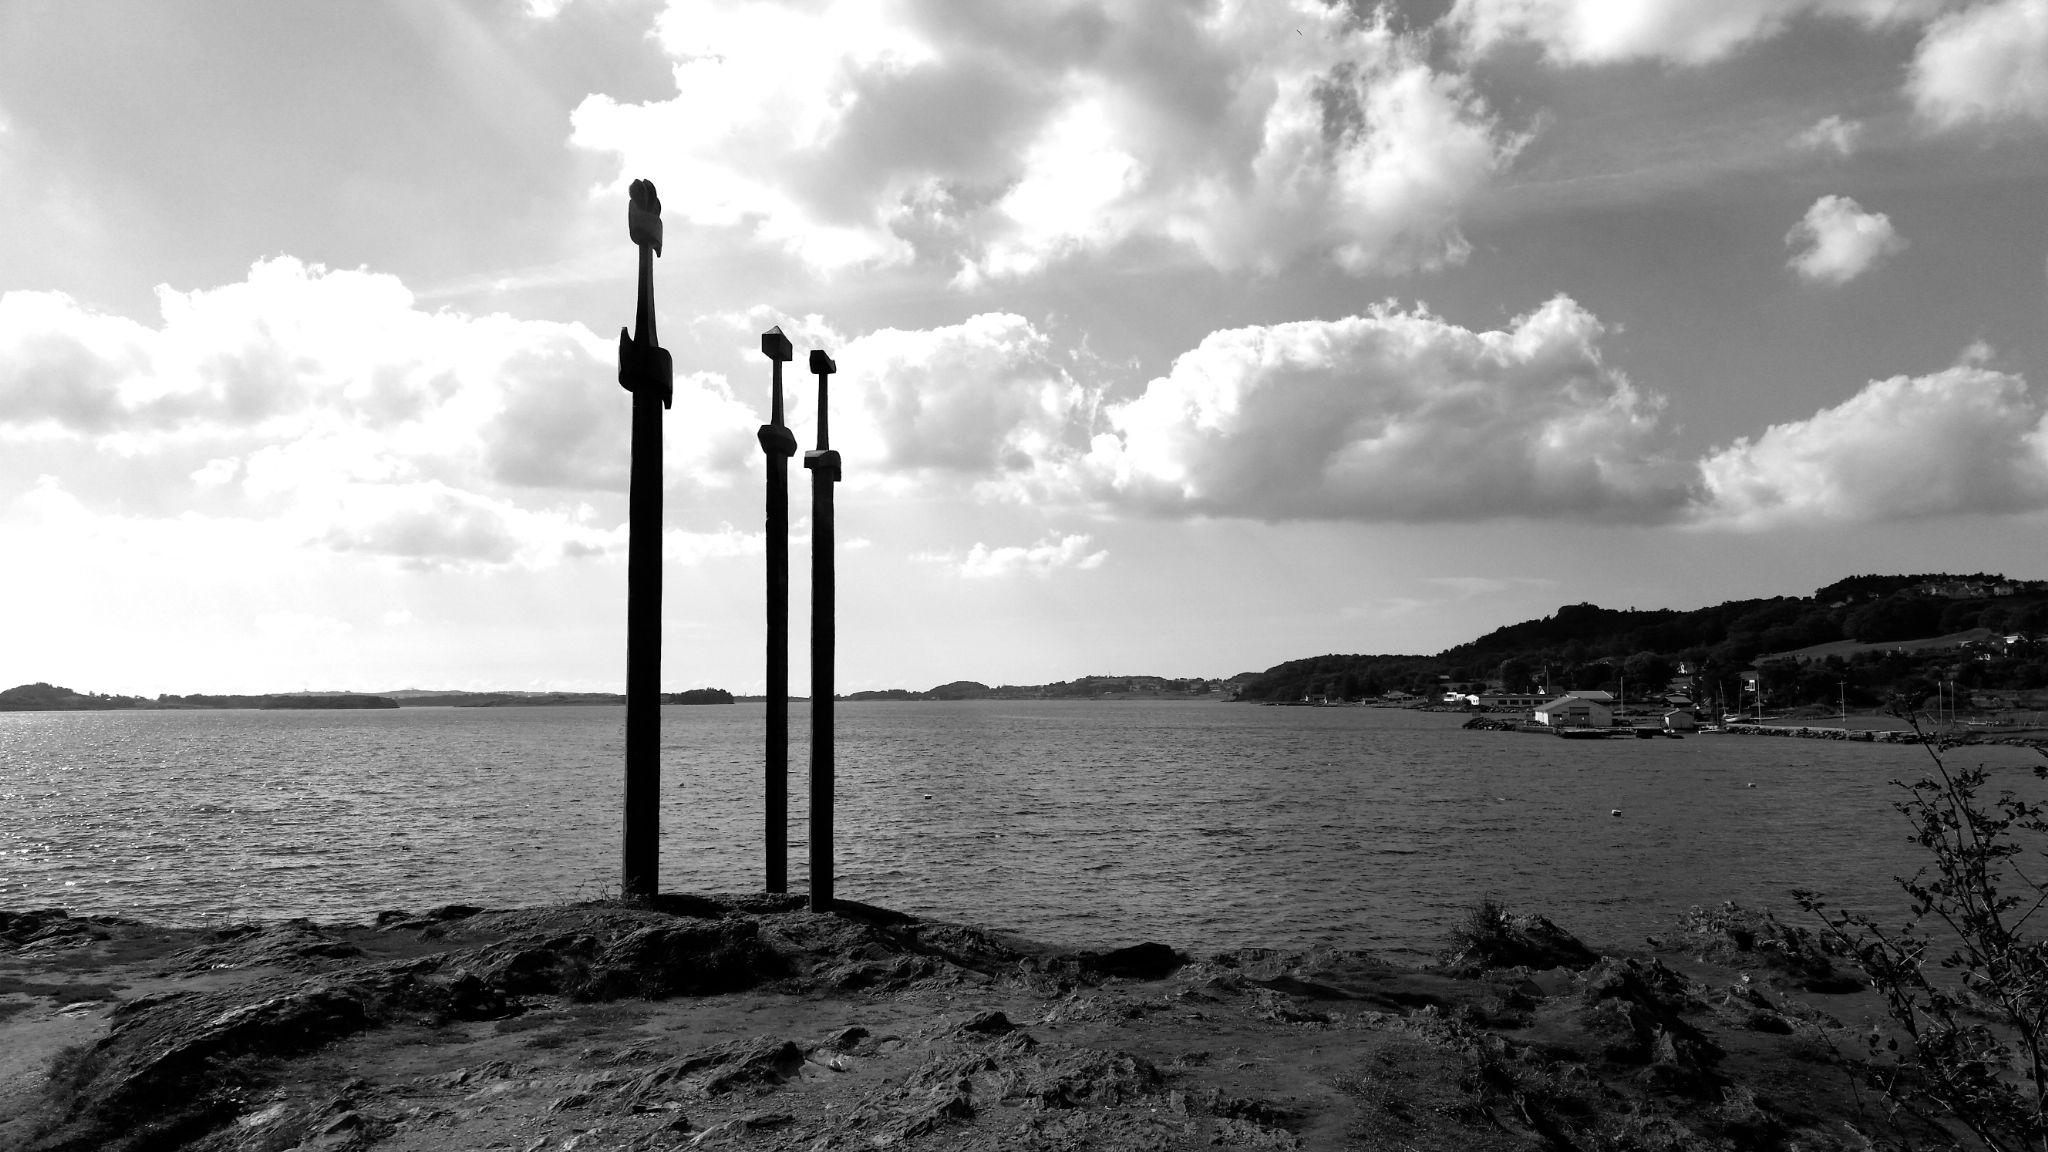 Sword in stone by nettmunk